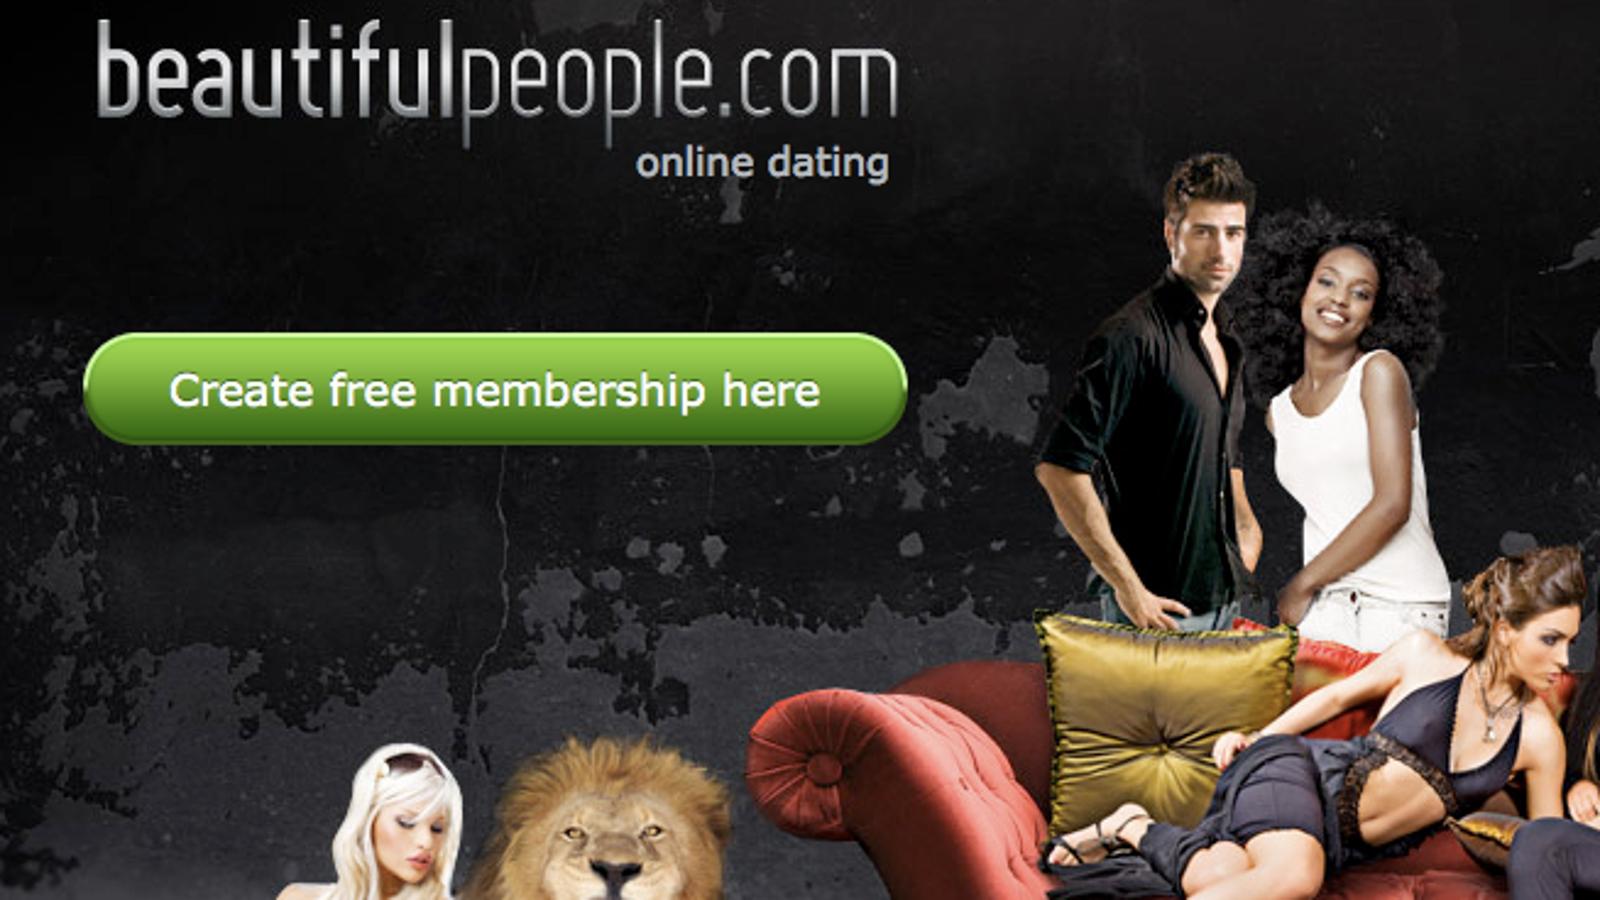 Barnfri ved valg dating site